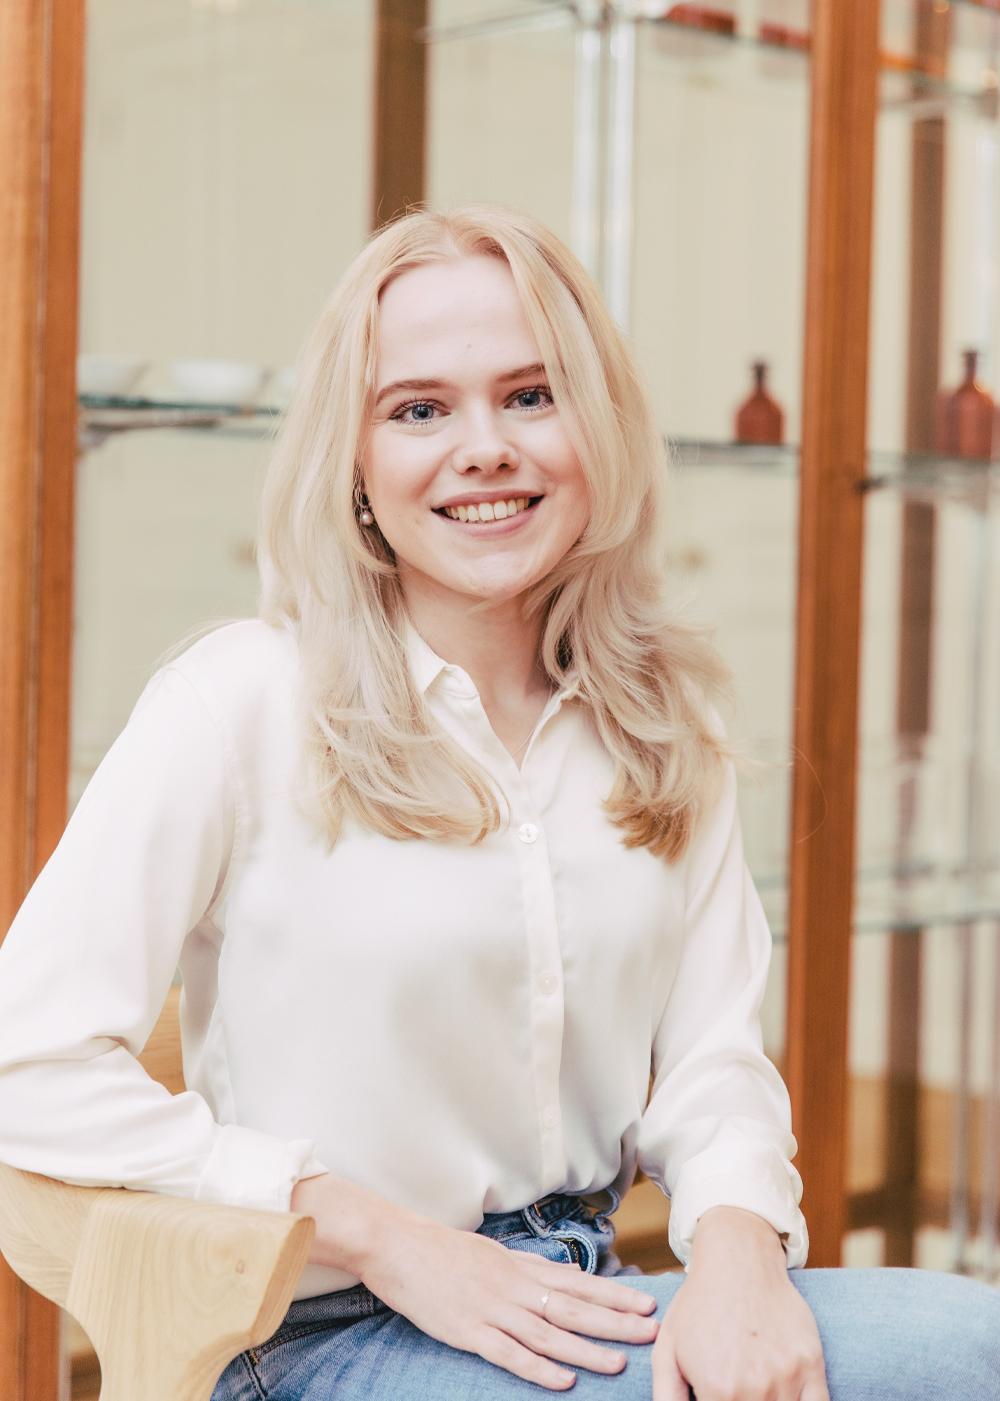 Rachel Ringenaldus